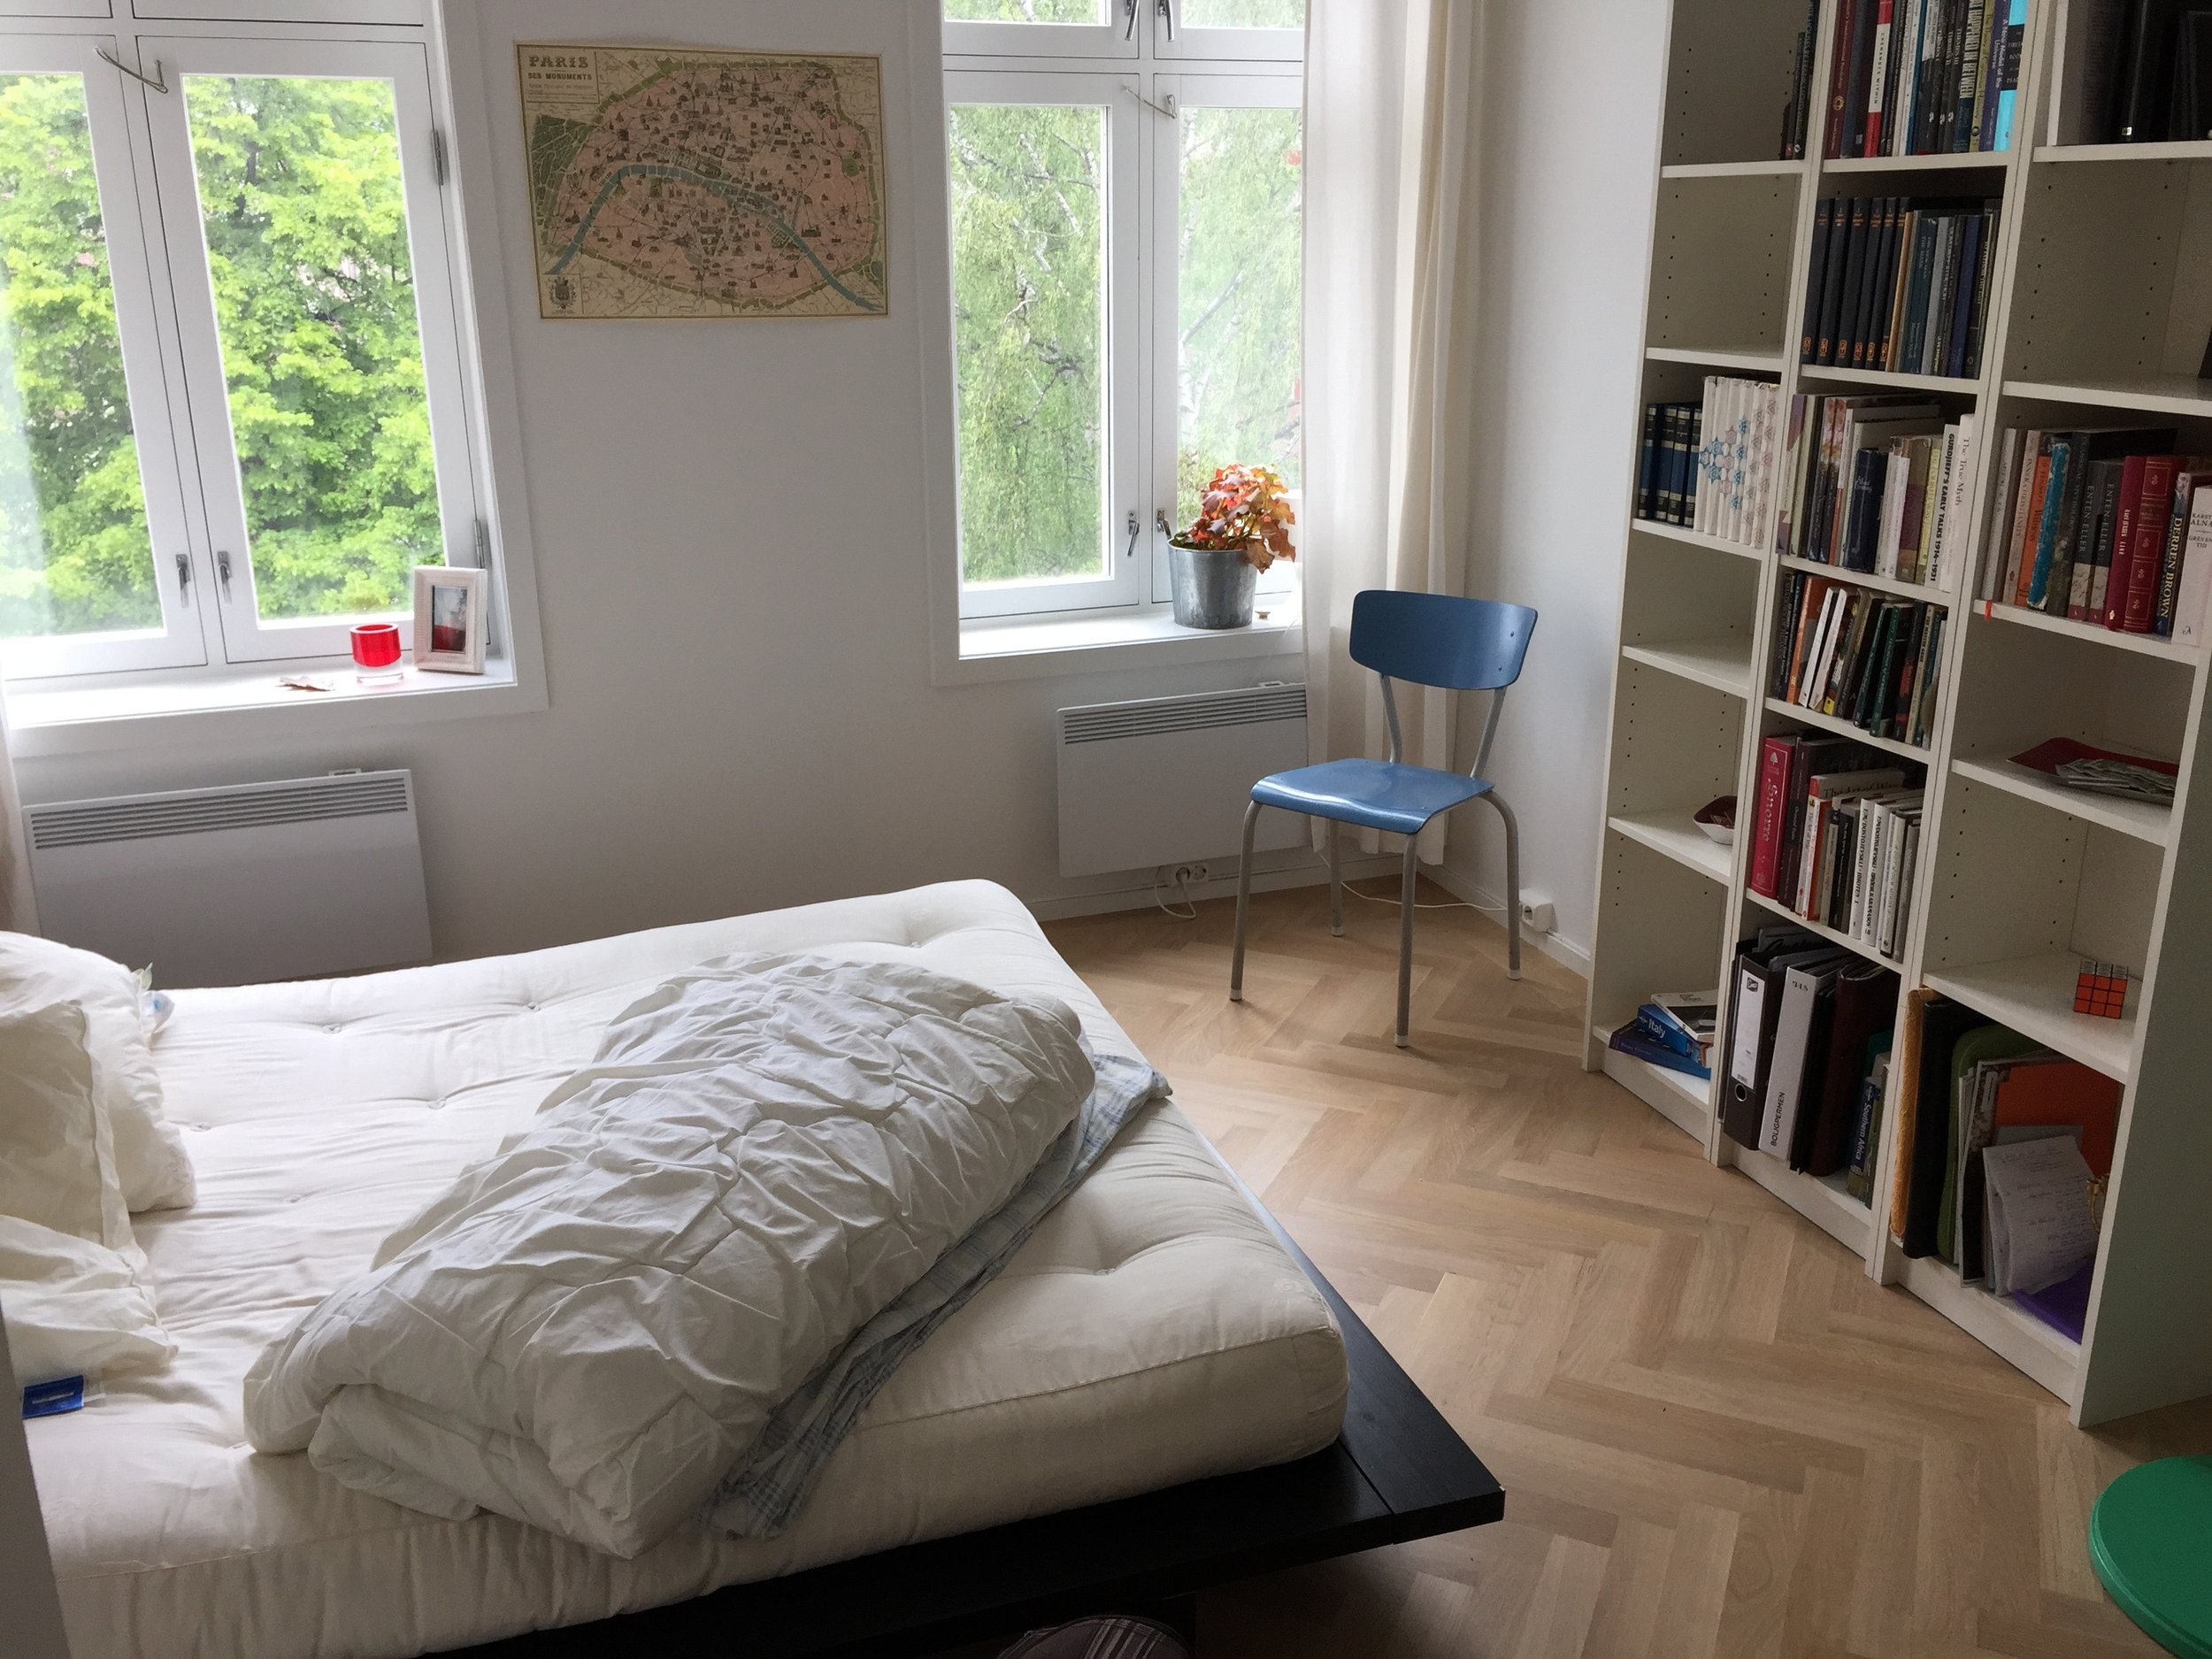 Airbnb-leiligheter er blitt den nye store overnattingstjenesten her i landet. Foto: Odd Roar Lange